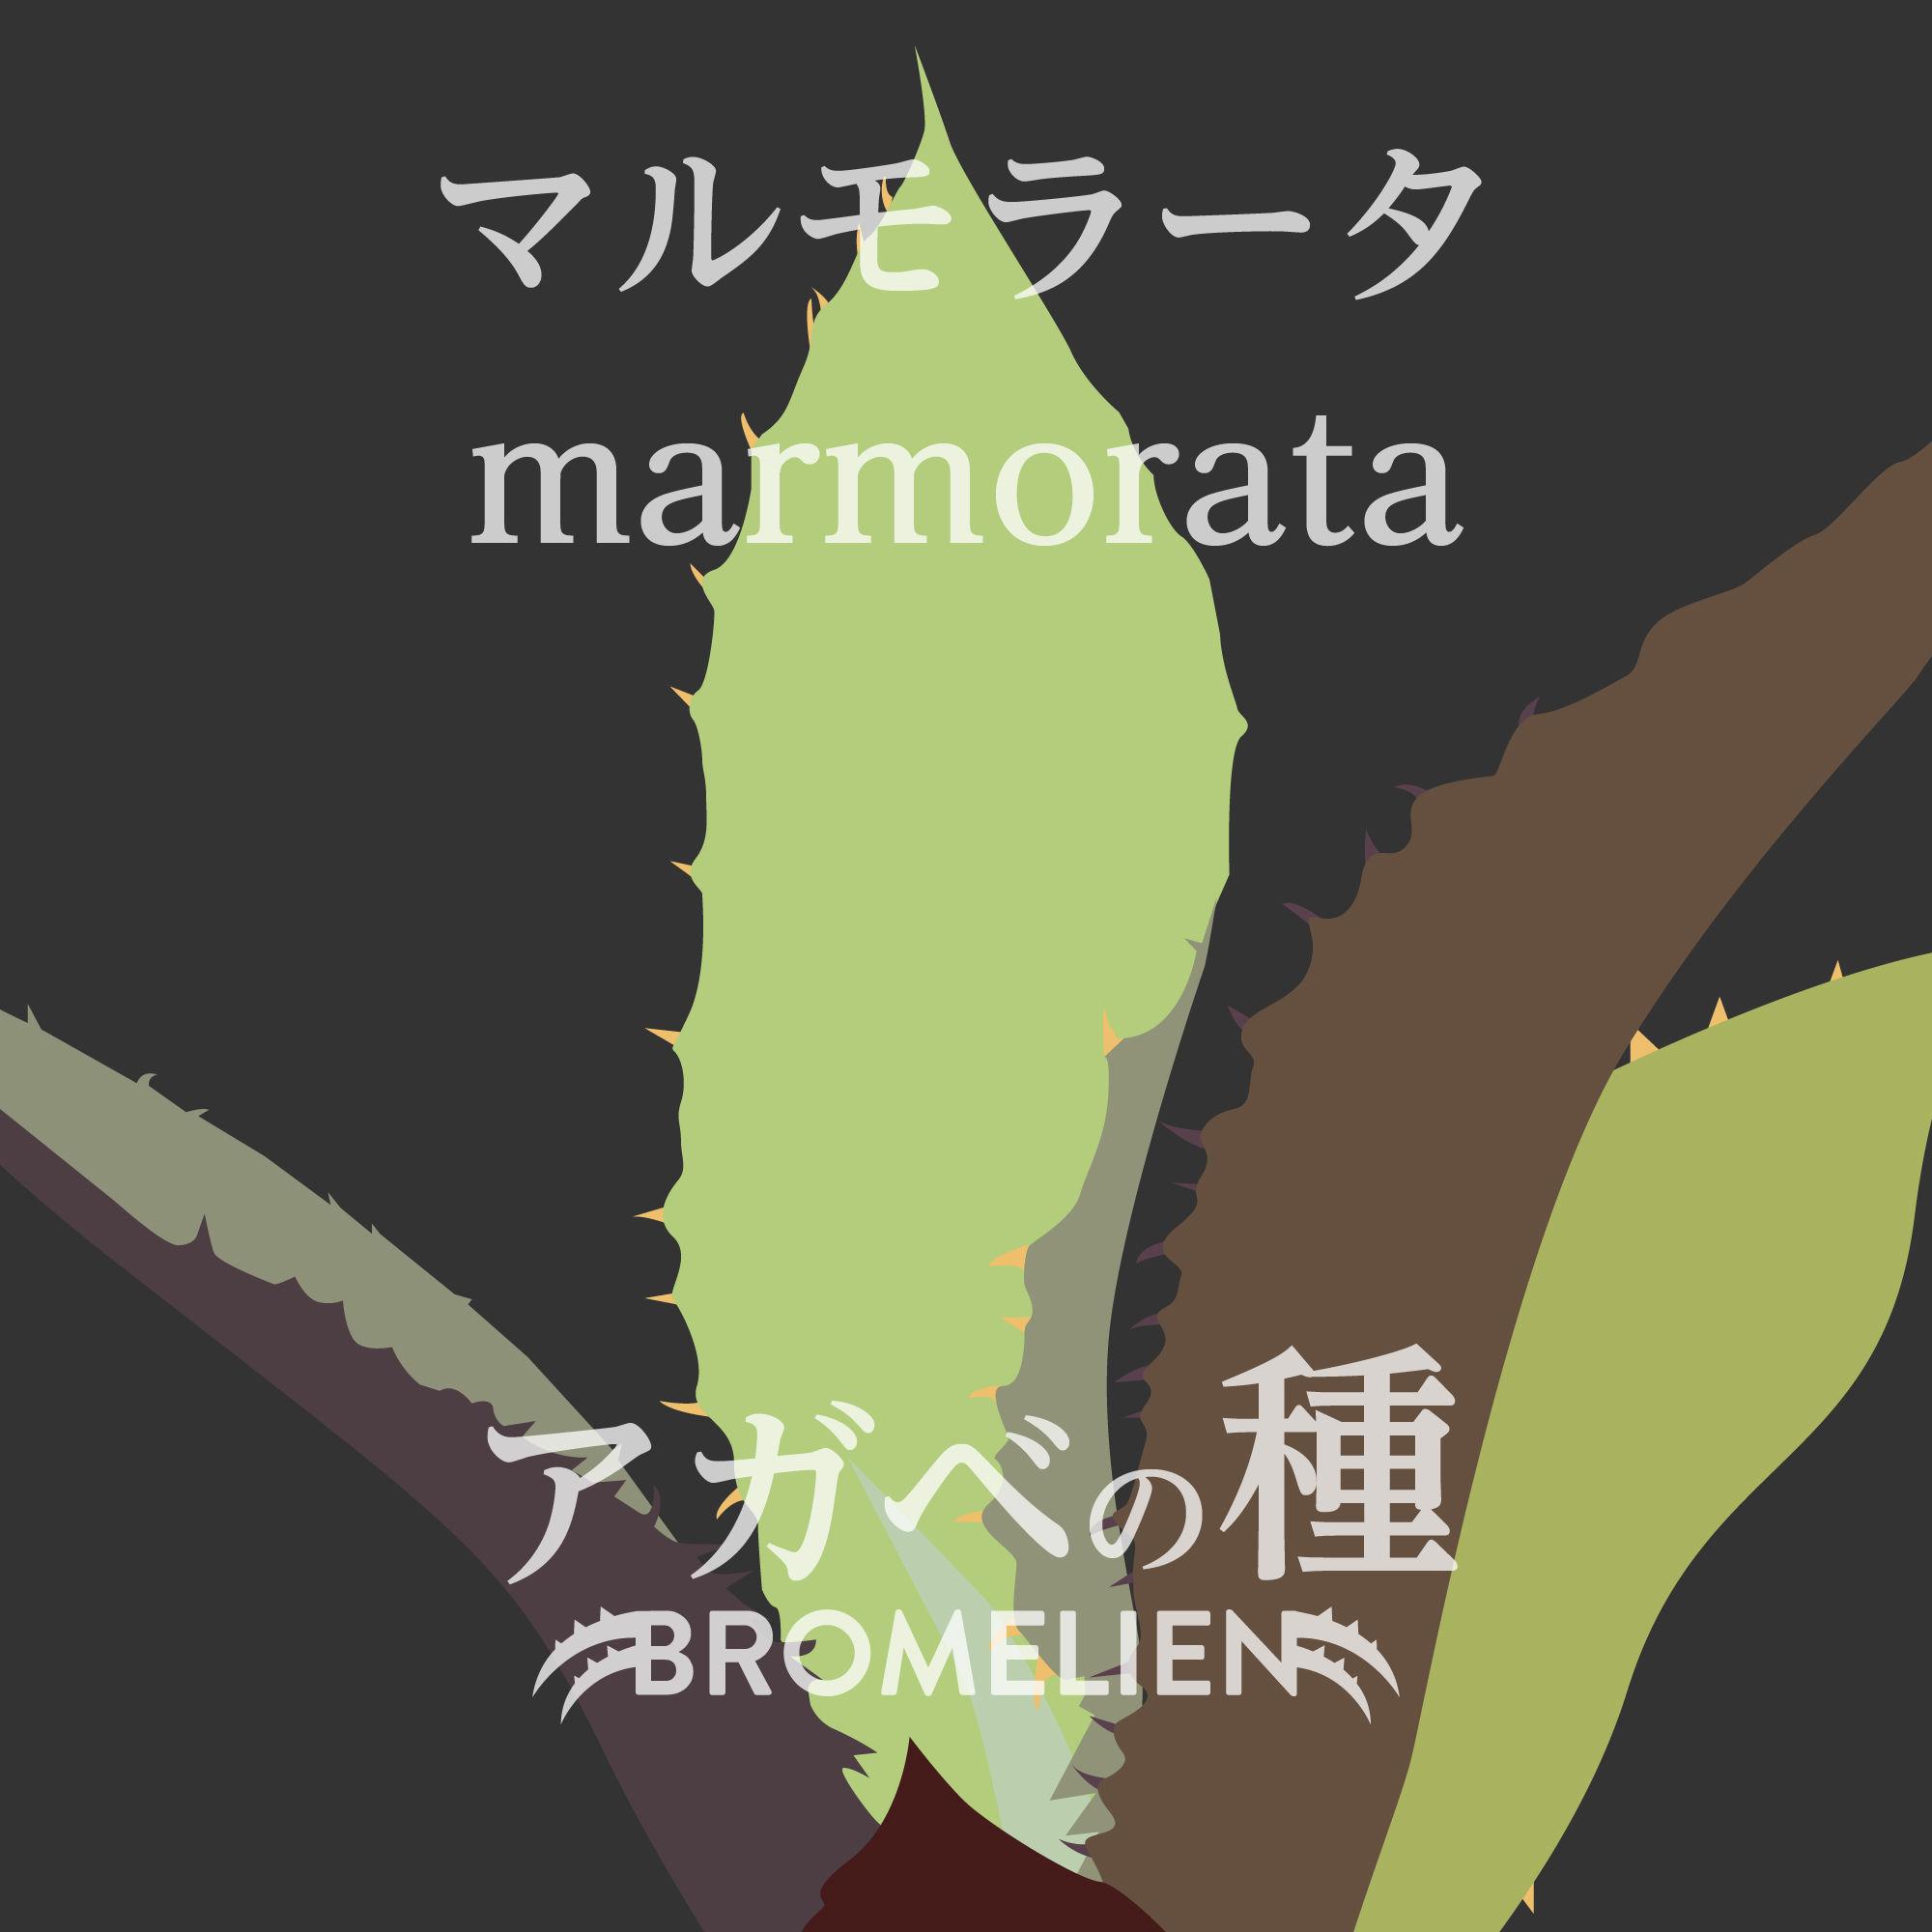 アガベの種 marmorata マルモラータ 20個